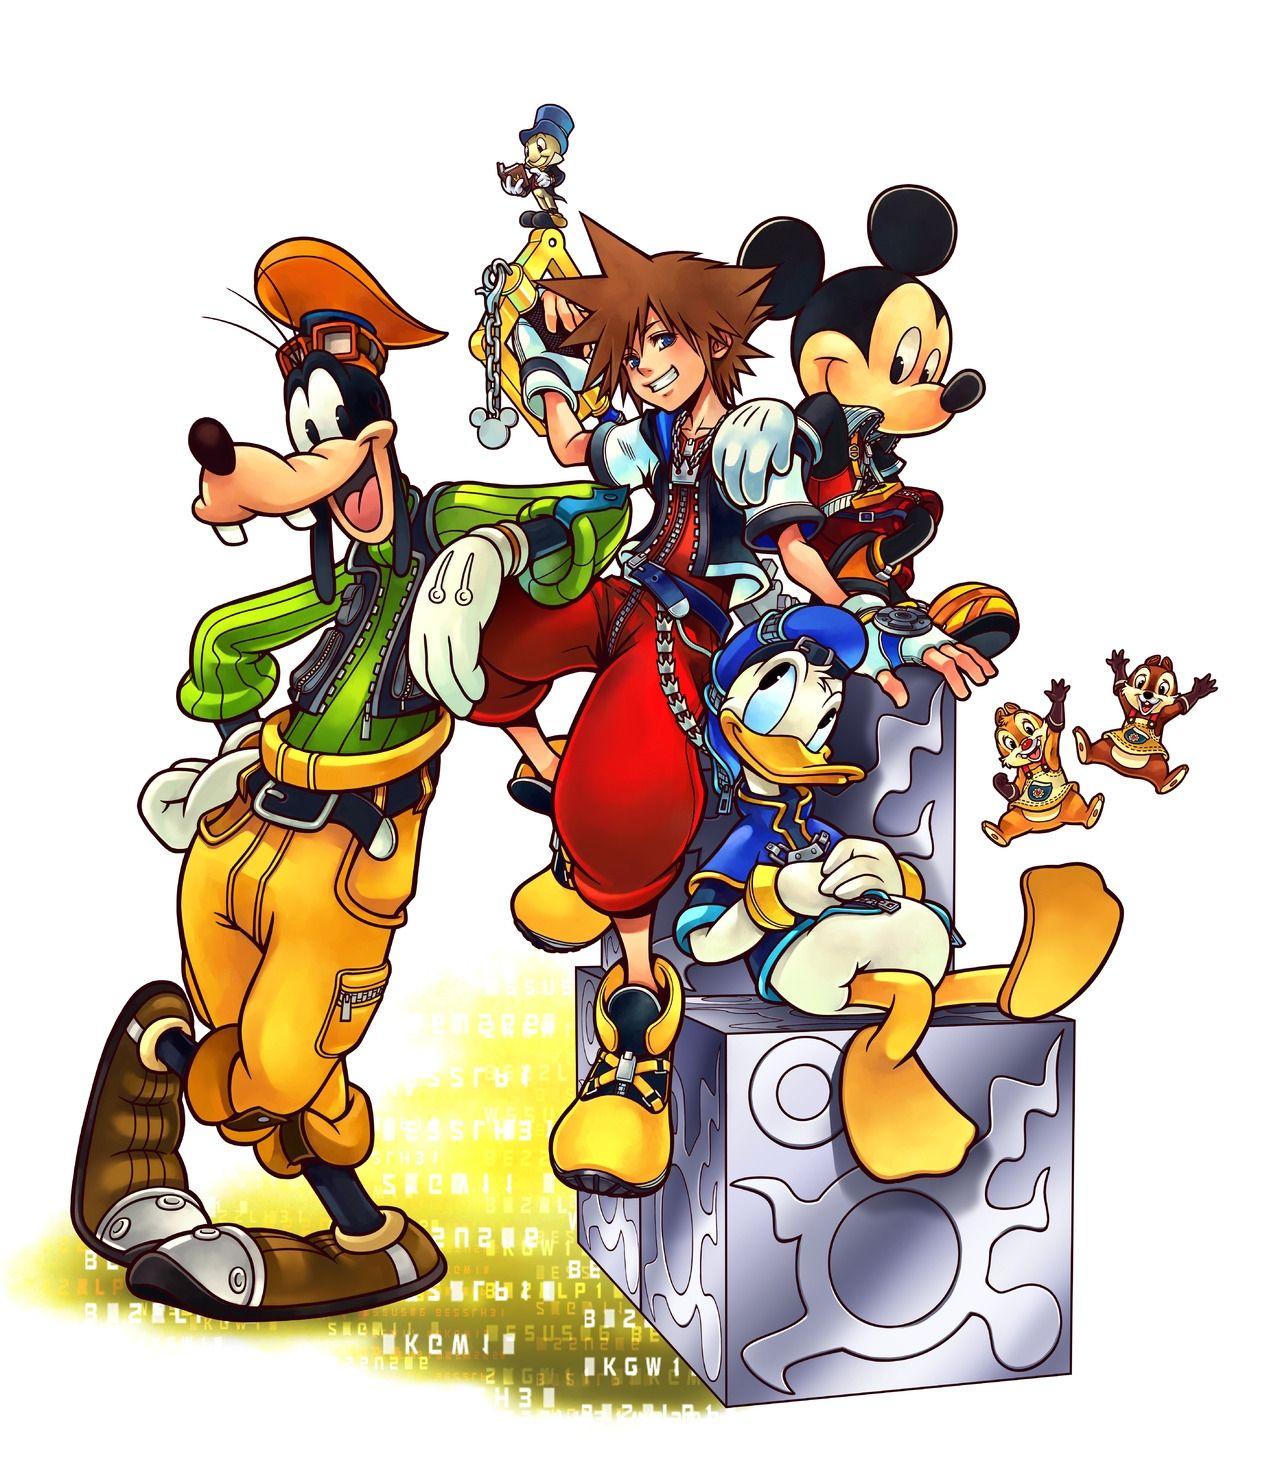 Tags Kingdom Hearts Nomura Tetsuya Square Enix Sora Ps4 Kingdoms Heart 15 25 Remix Region 3 Scan Donald Duck Goofy Mickey Mouse Disney Official Art Jiminy Cricket